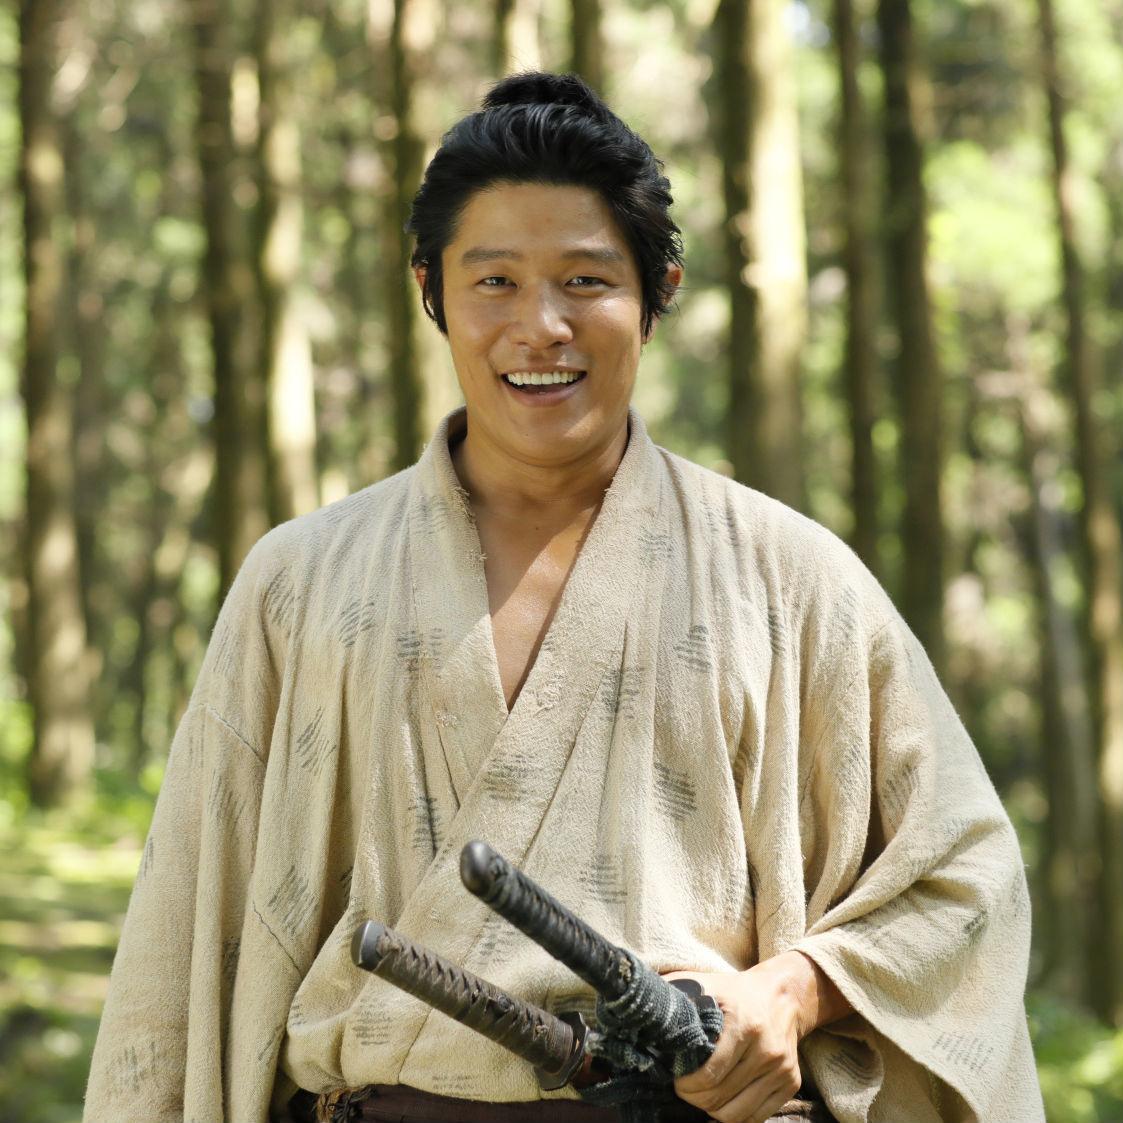 西郷隆盛役・鈴木亮平が語る『西郷どん』の魅力「グッとくるセリフが多い」